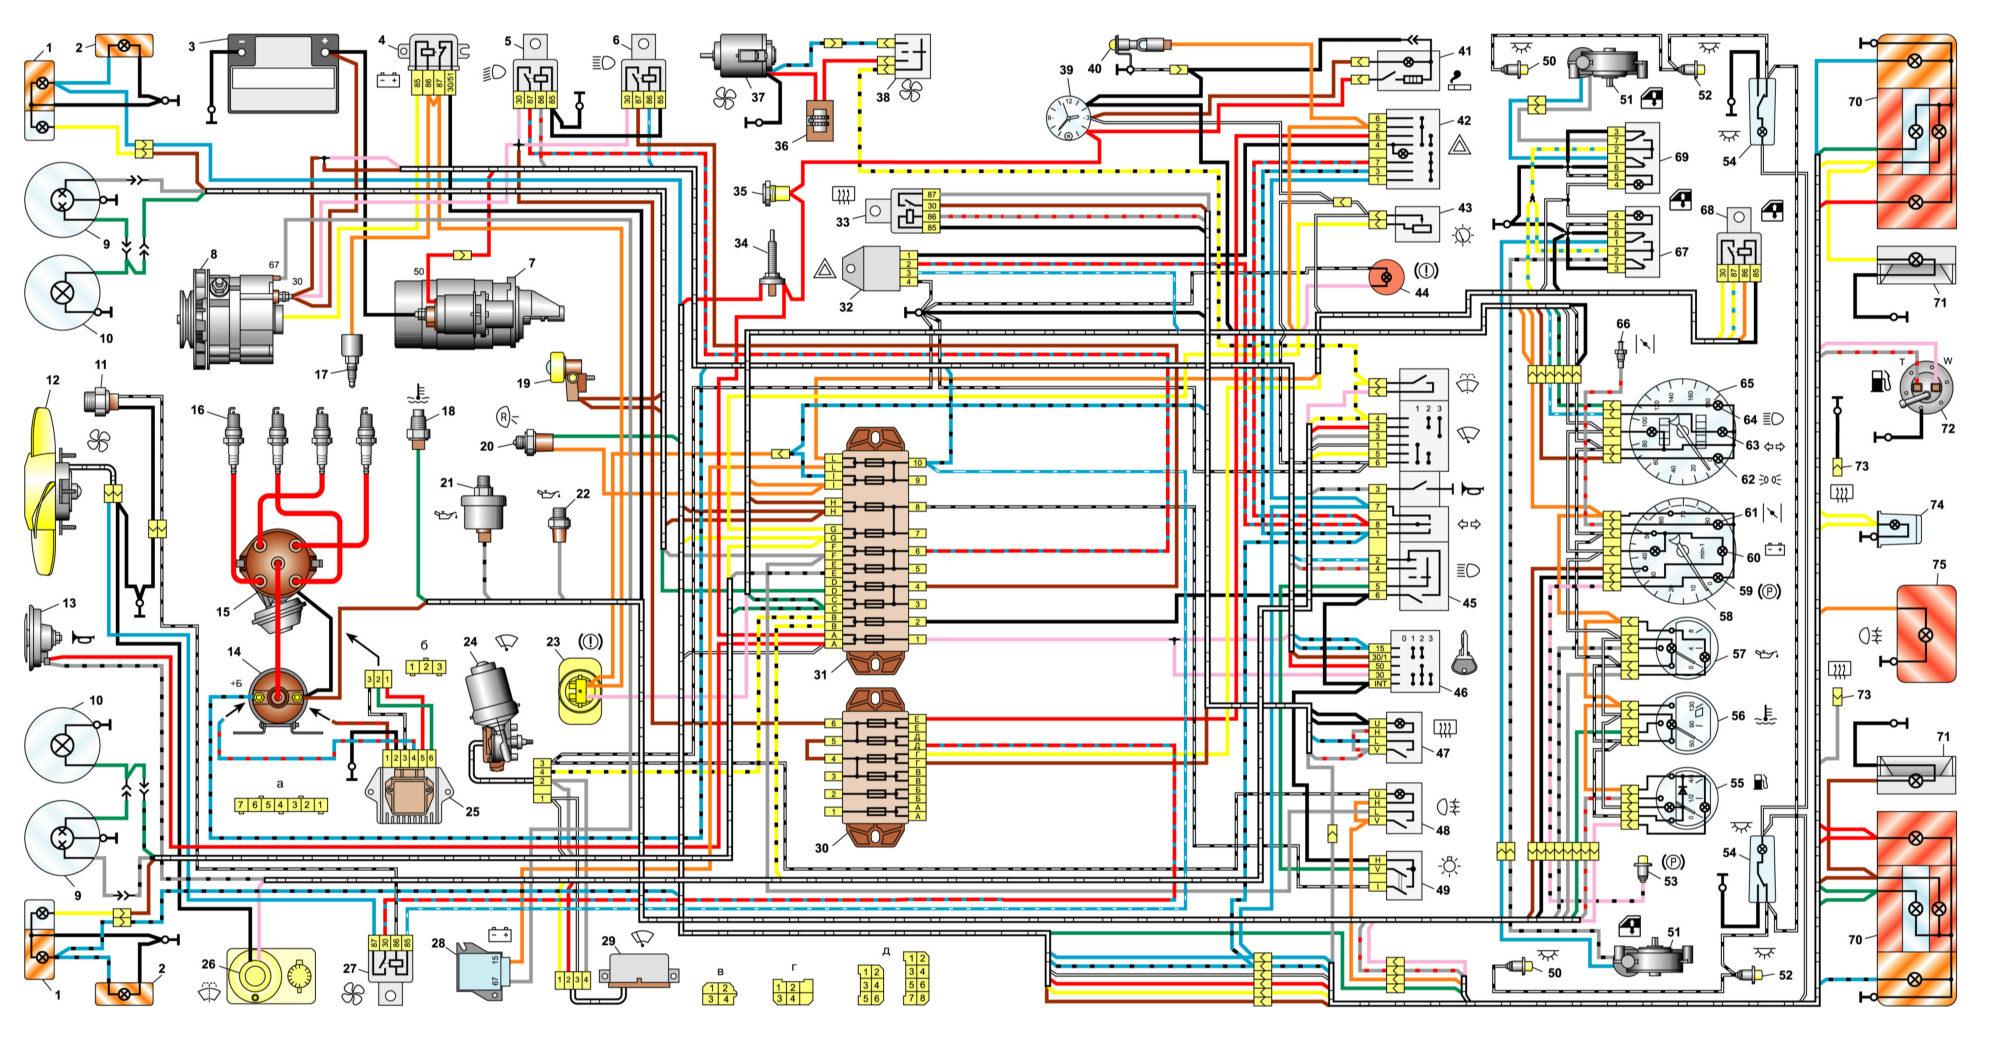 electro vaz2106 obch2 - Схема проводки света ваз 2106